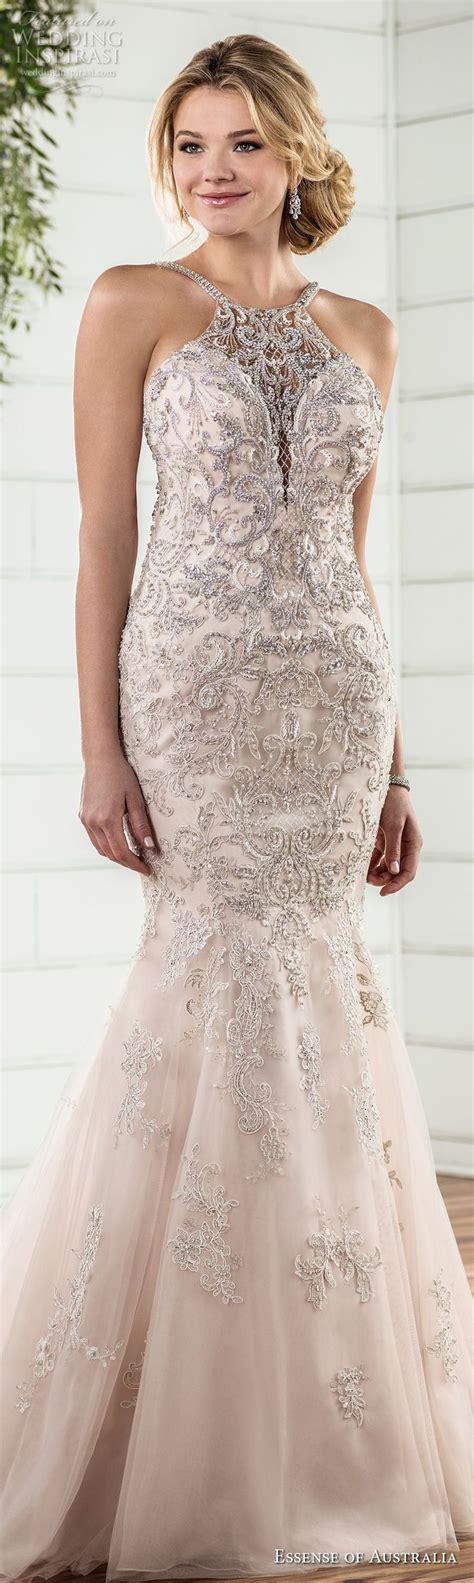 Dominiq Dress White Zv 25 halter wedding dresses ideas on high neck wedding dresses white bridesmaid